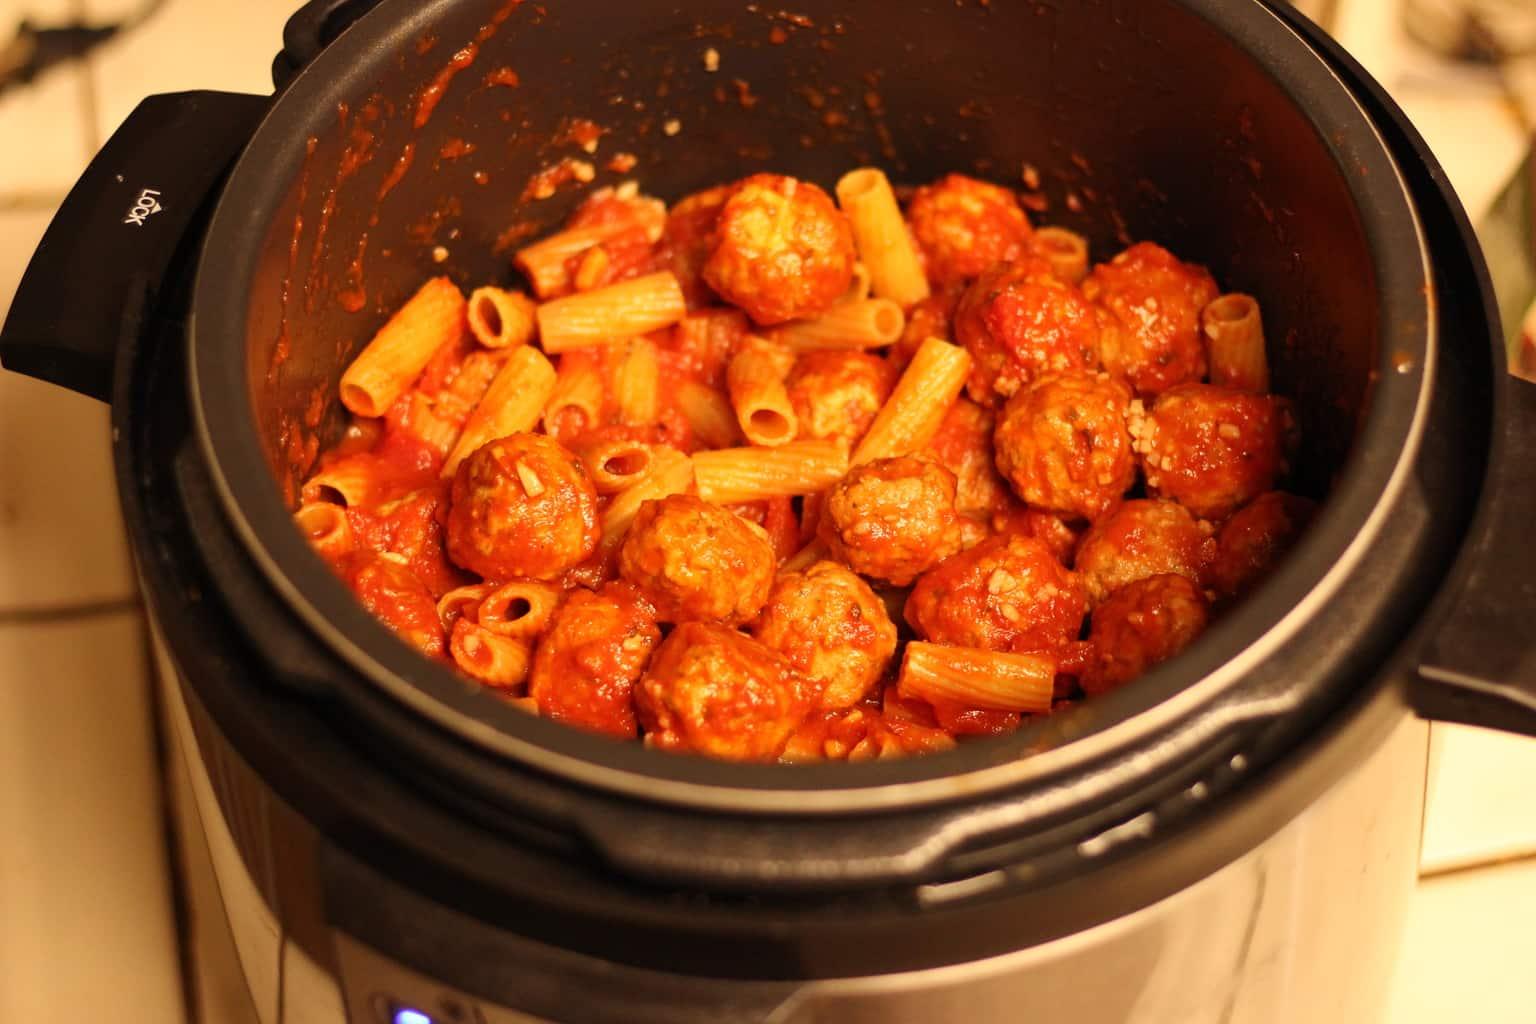 Pressure Cooker Rigatoni With Meatballs